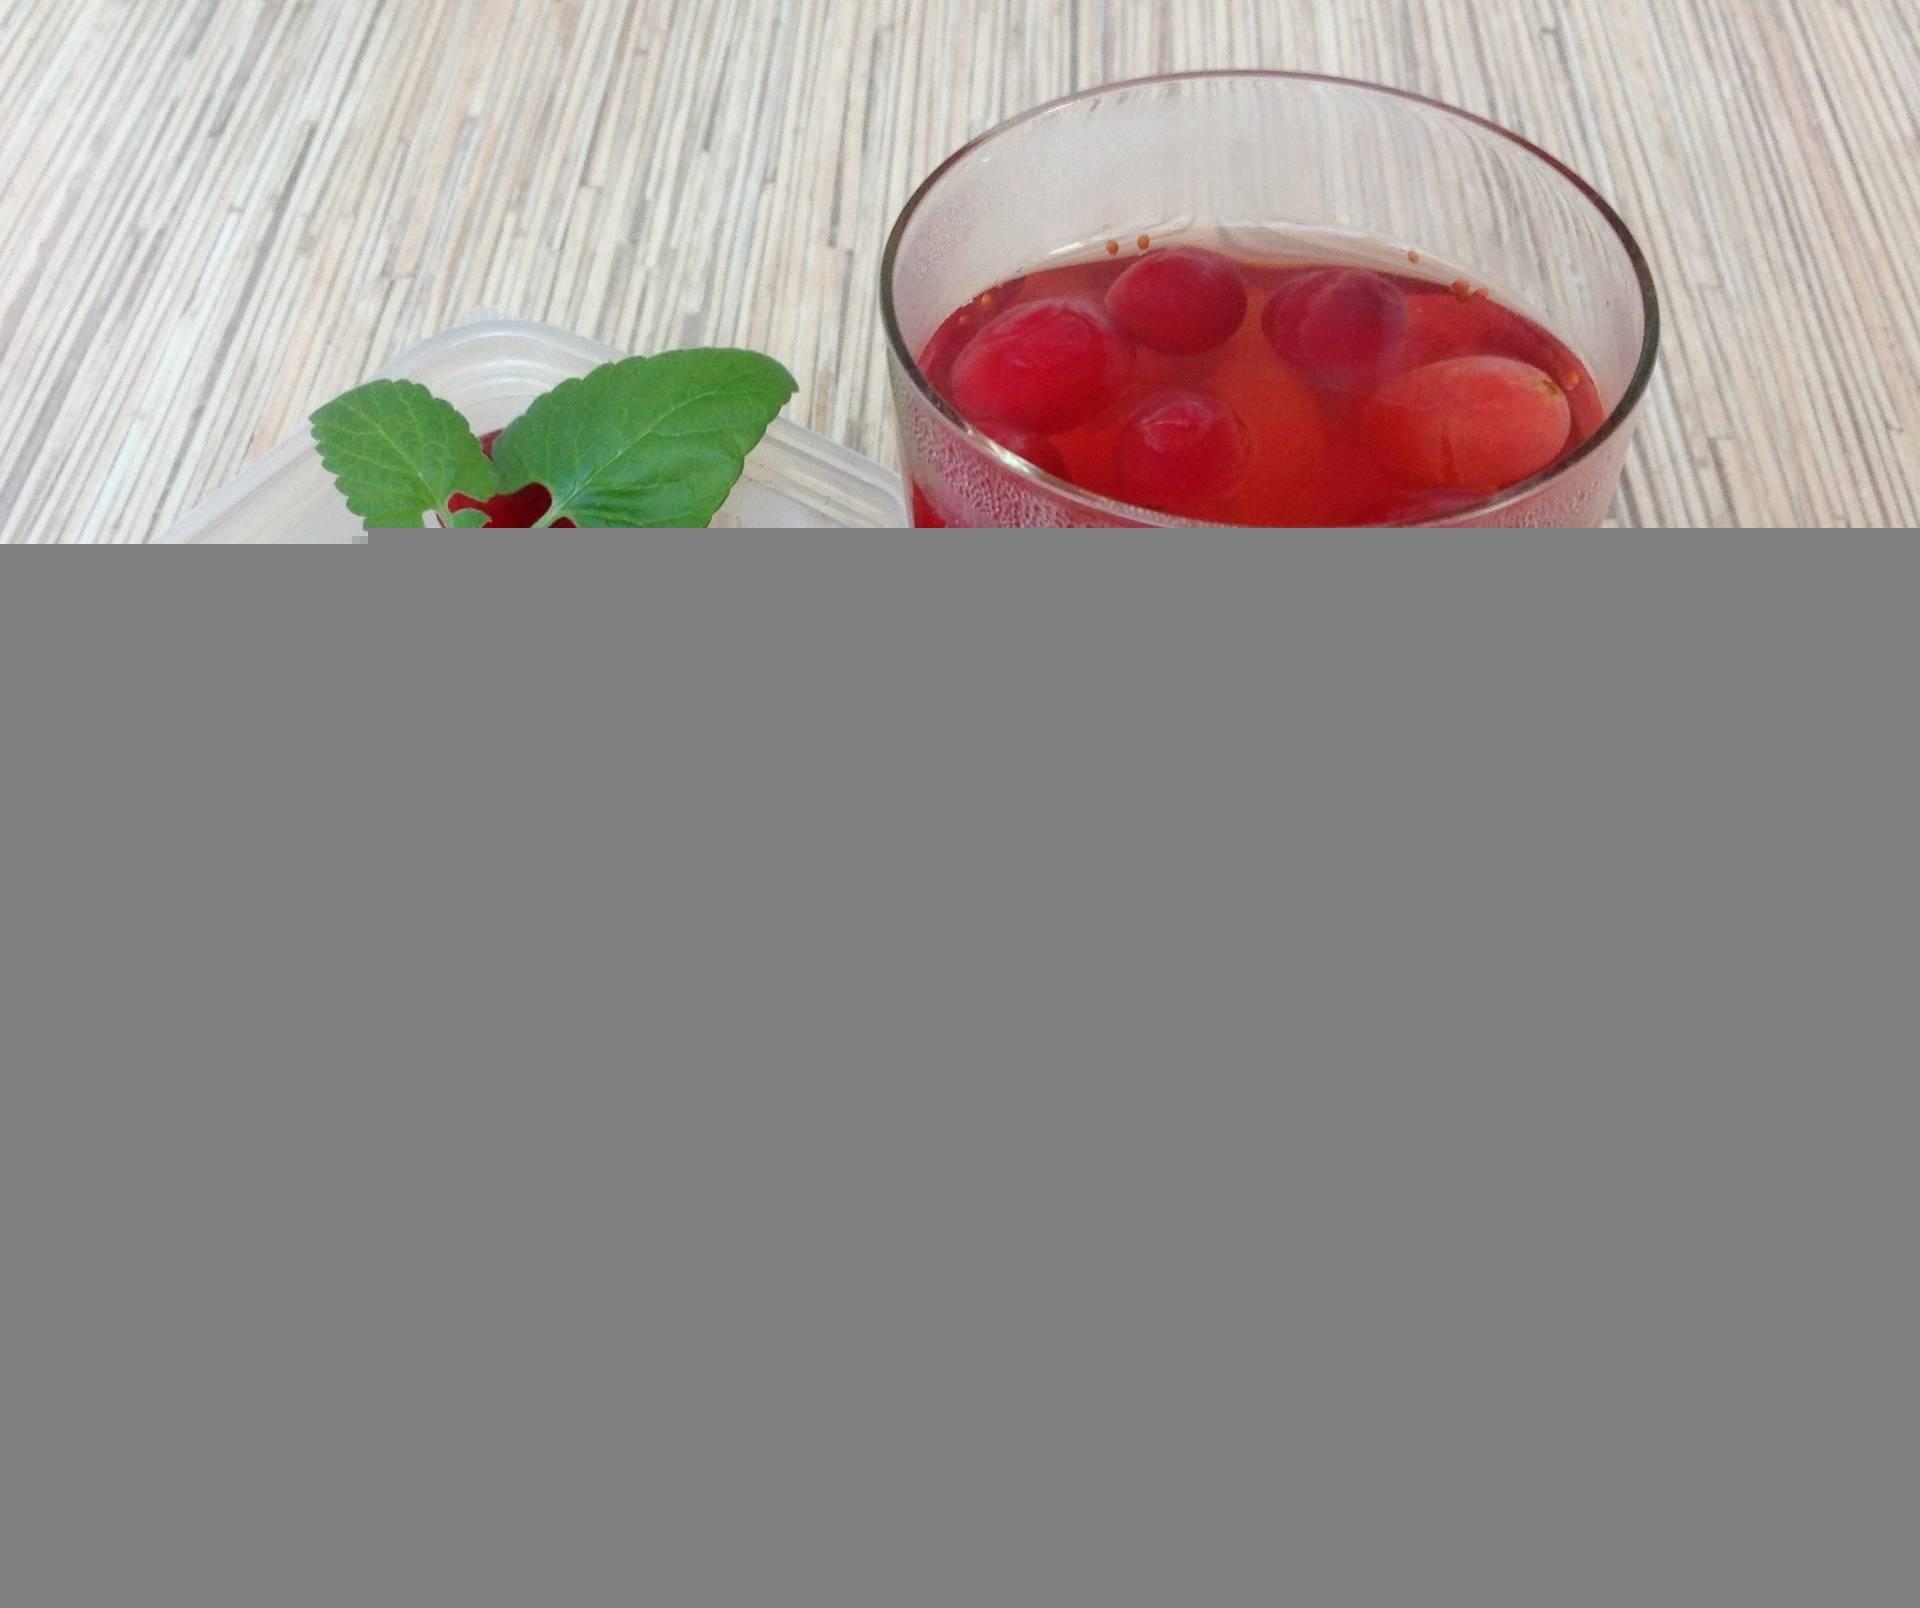 Брусничный морс: польза и вред, состав, калорийность, противопоказания, рецепты приготовления напитка из брусники